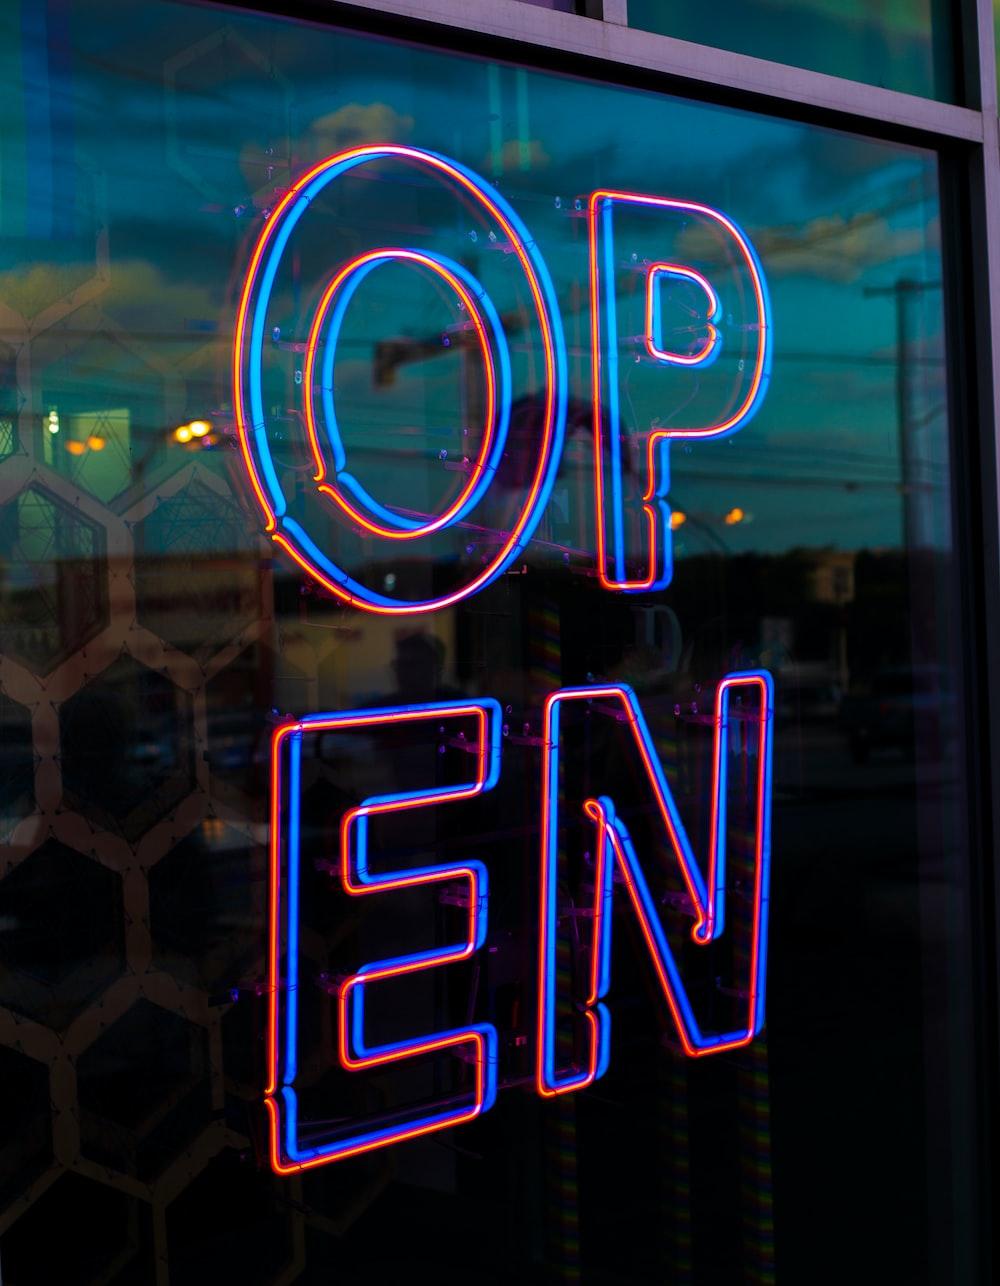 OPEN LED signage